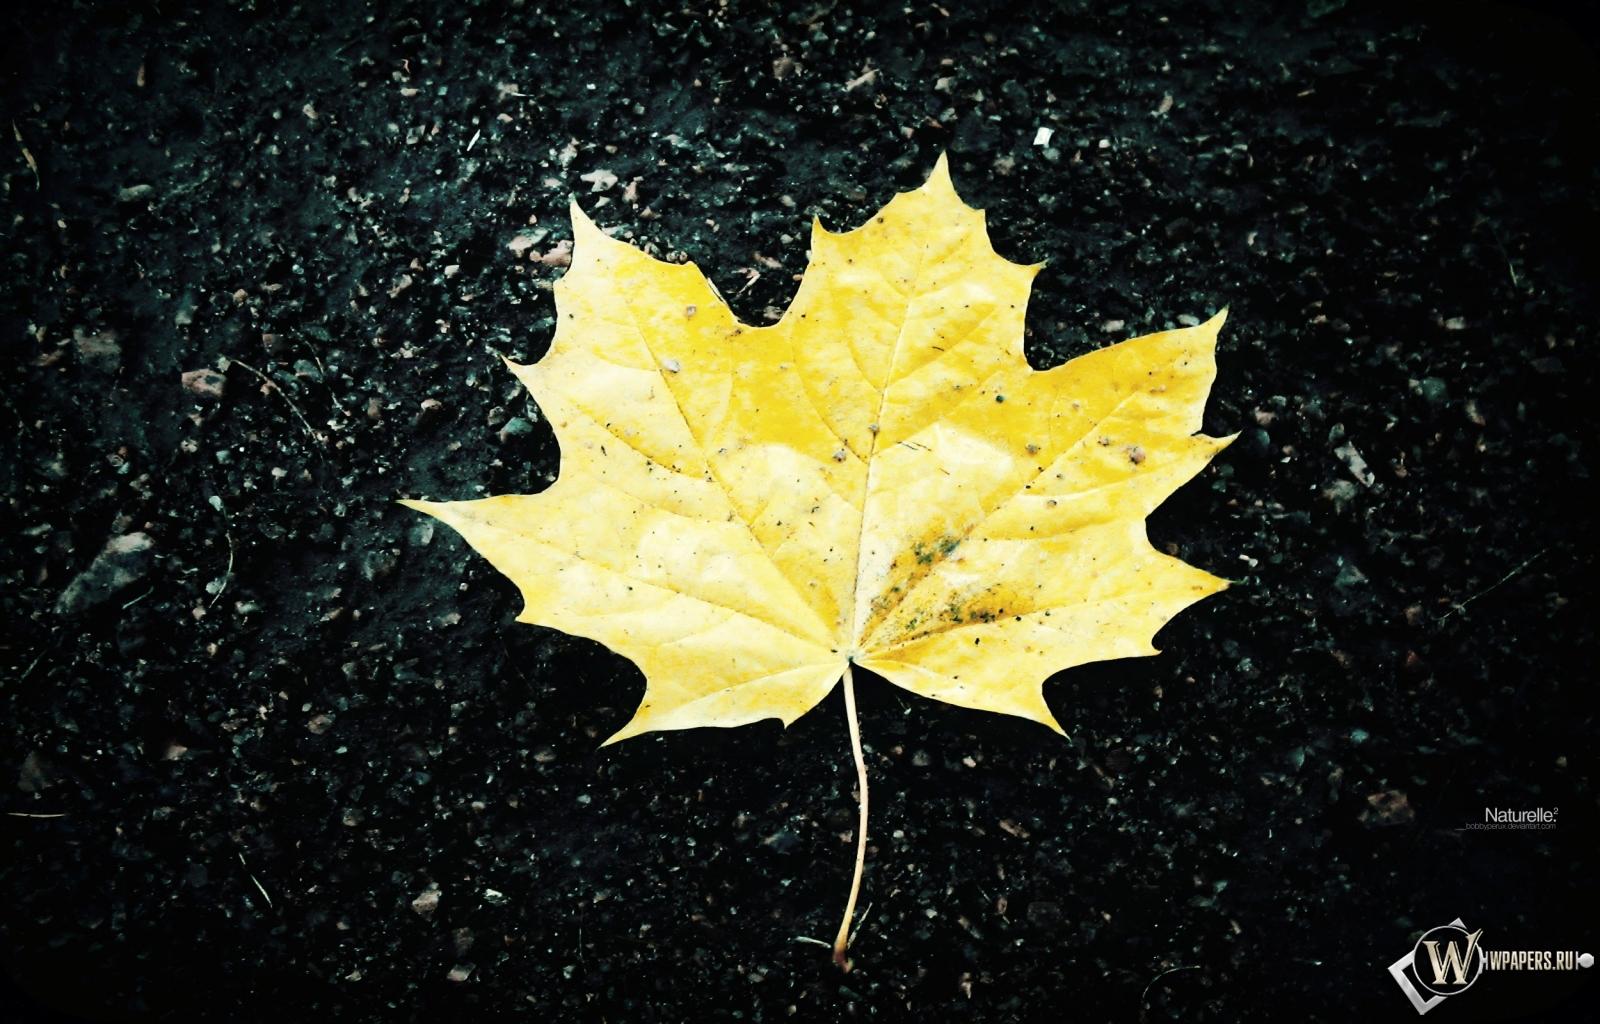 Жёлтый кленовый лист 1600x1024